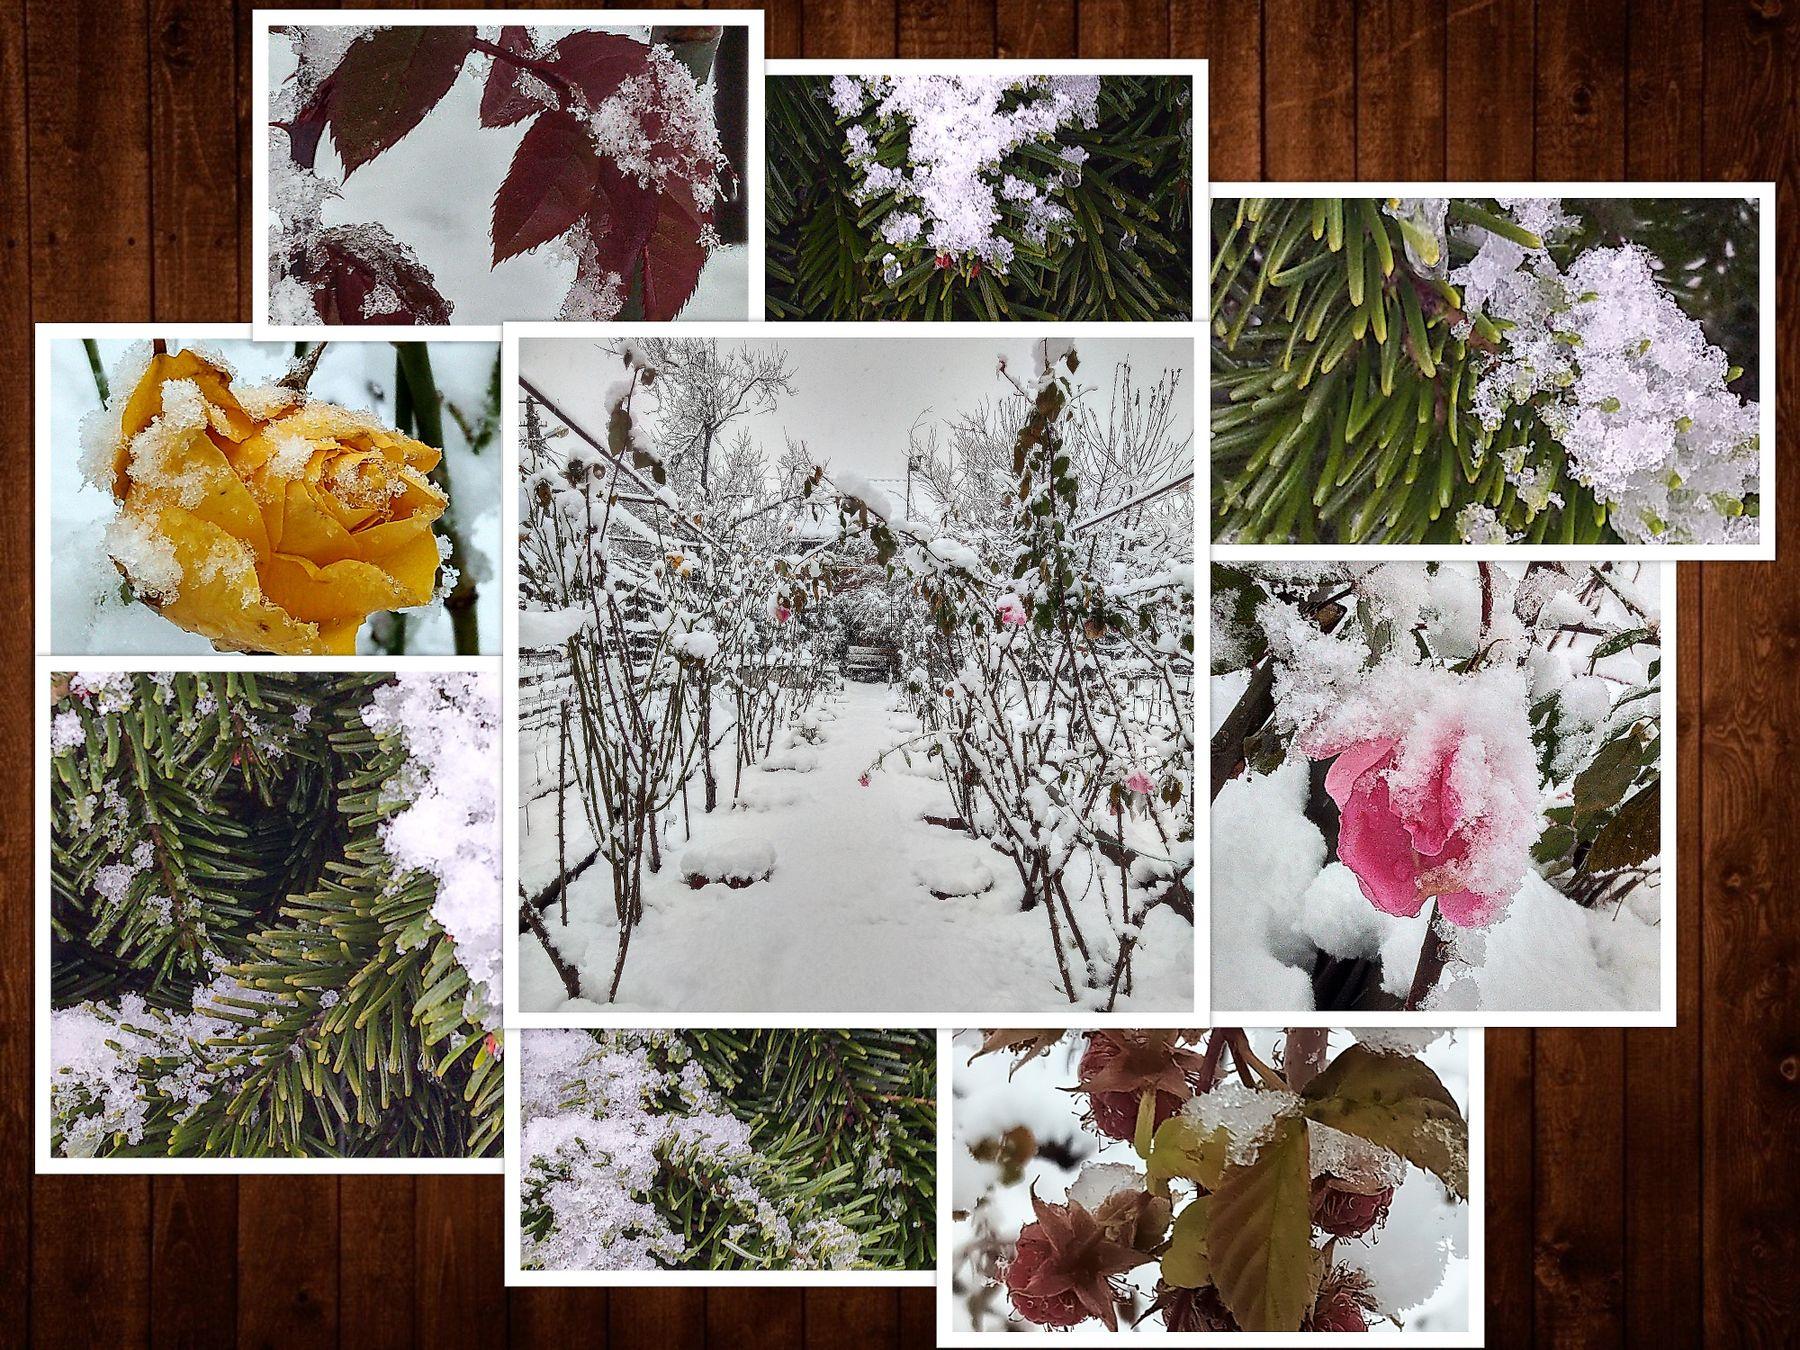 Ледяное безмолвие: все цвета моего зимнего сада дневники дом зима настроение пейзаж природа розы сад снег фотография